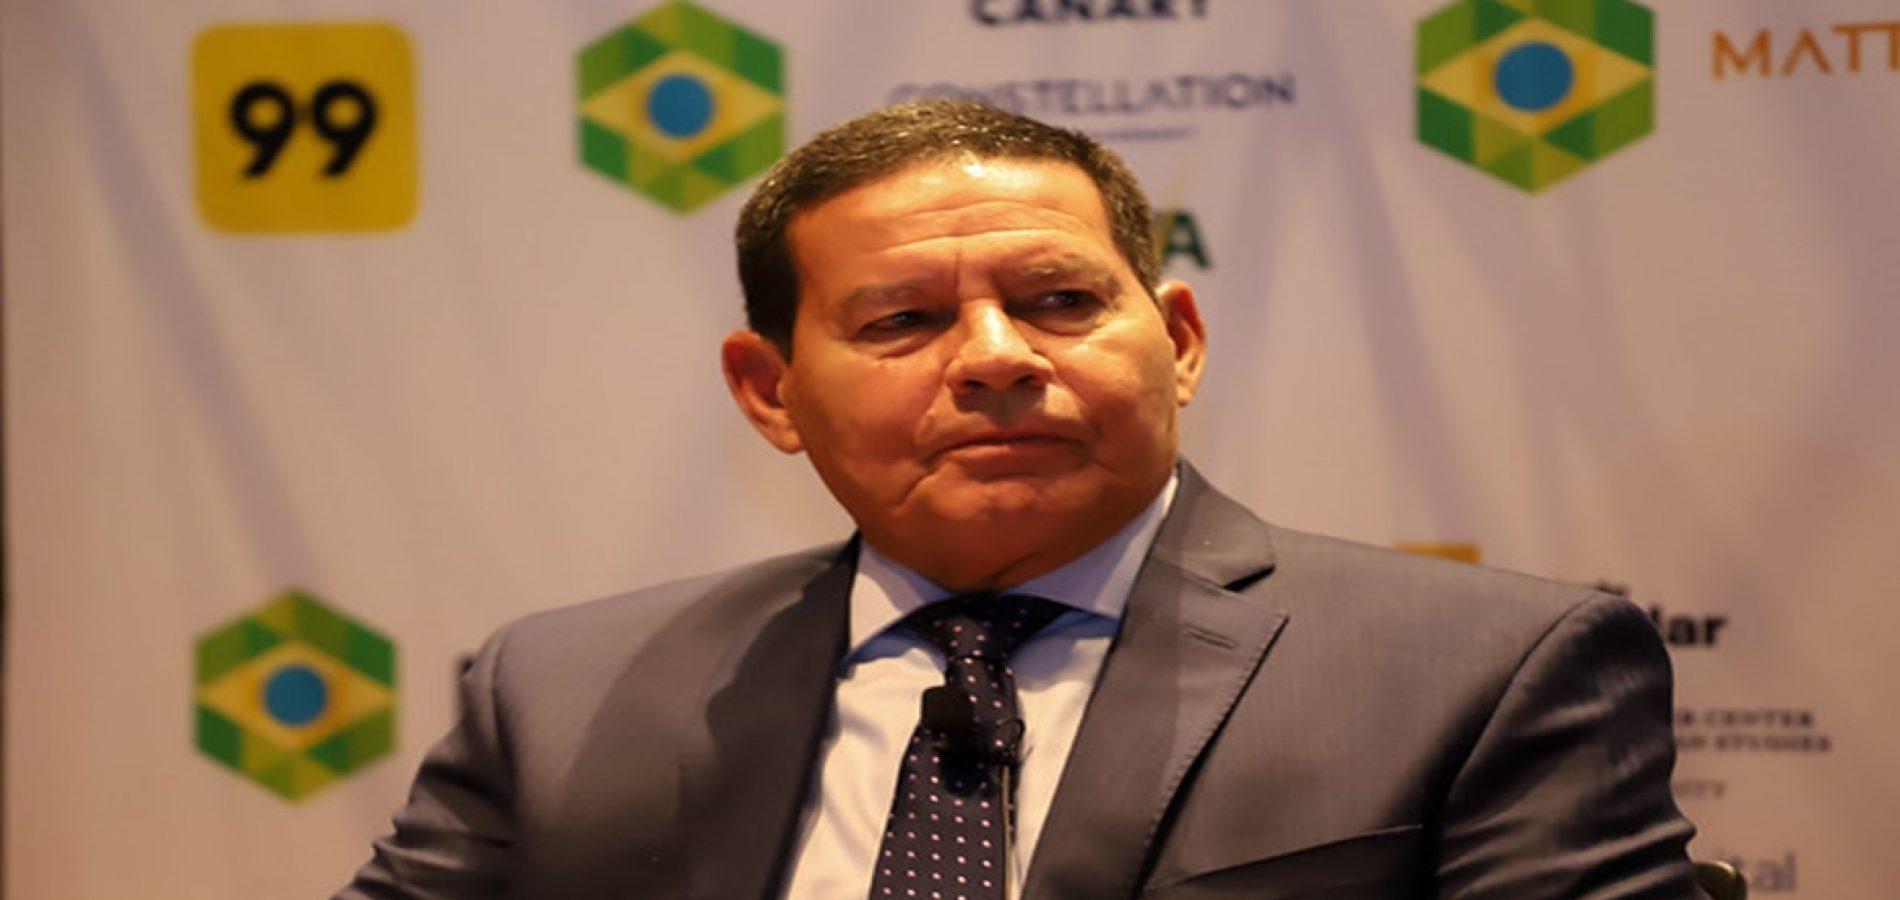 Governo tem falhado na comunicação, diz Mourão sobre bloqueio de verbas